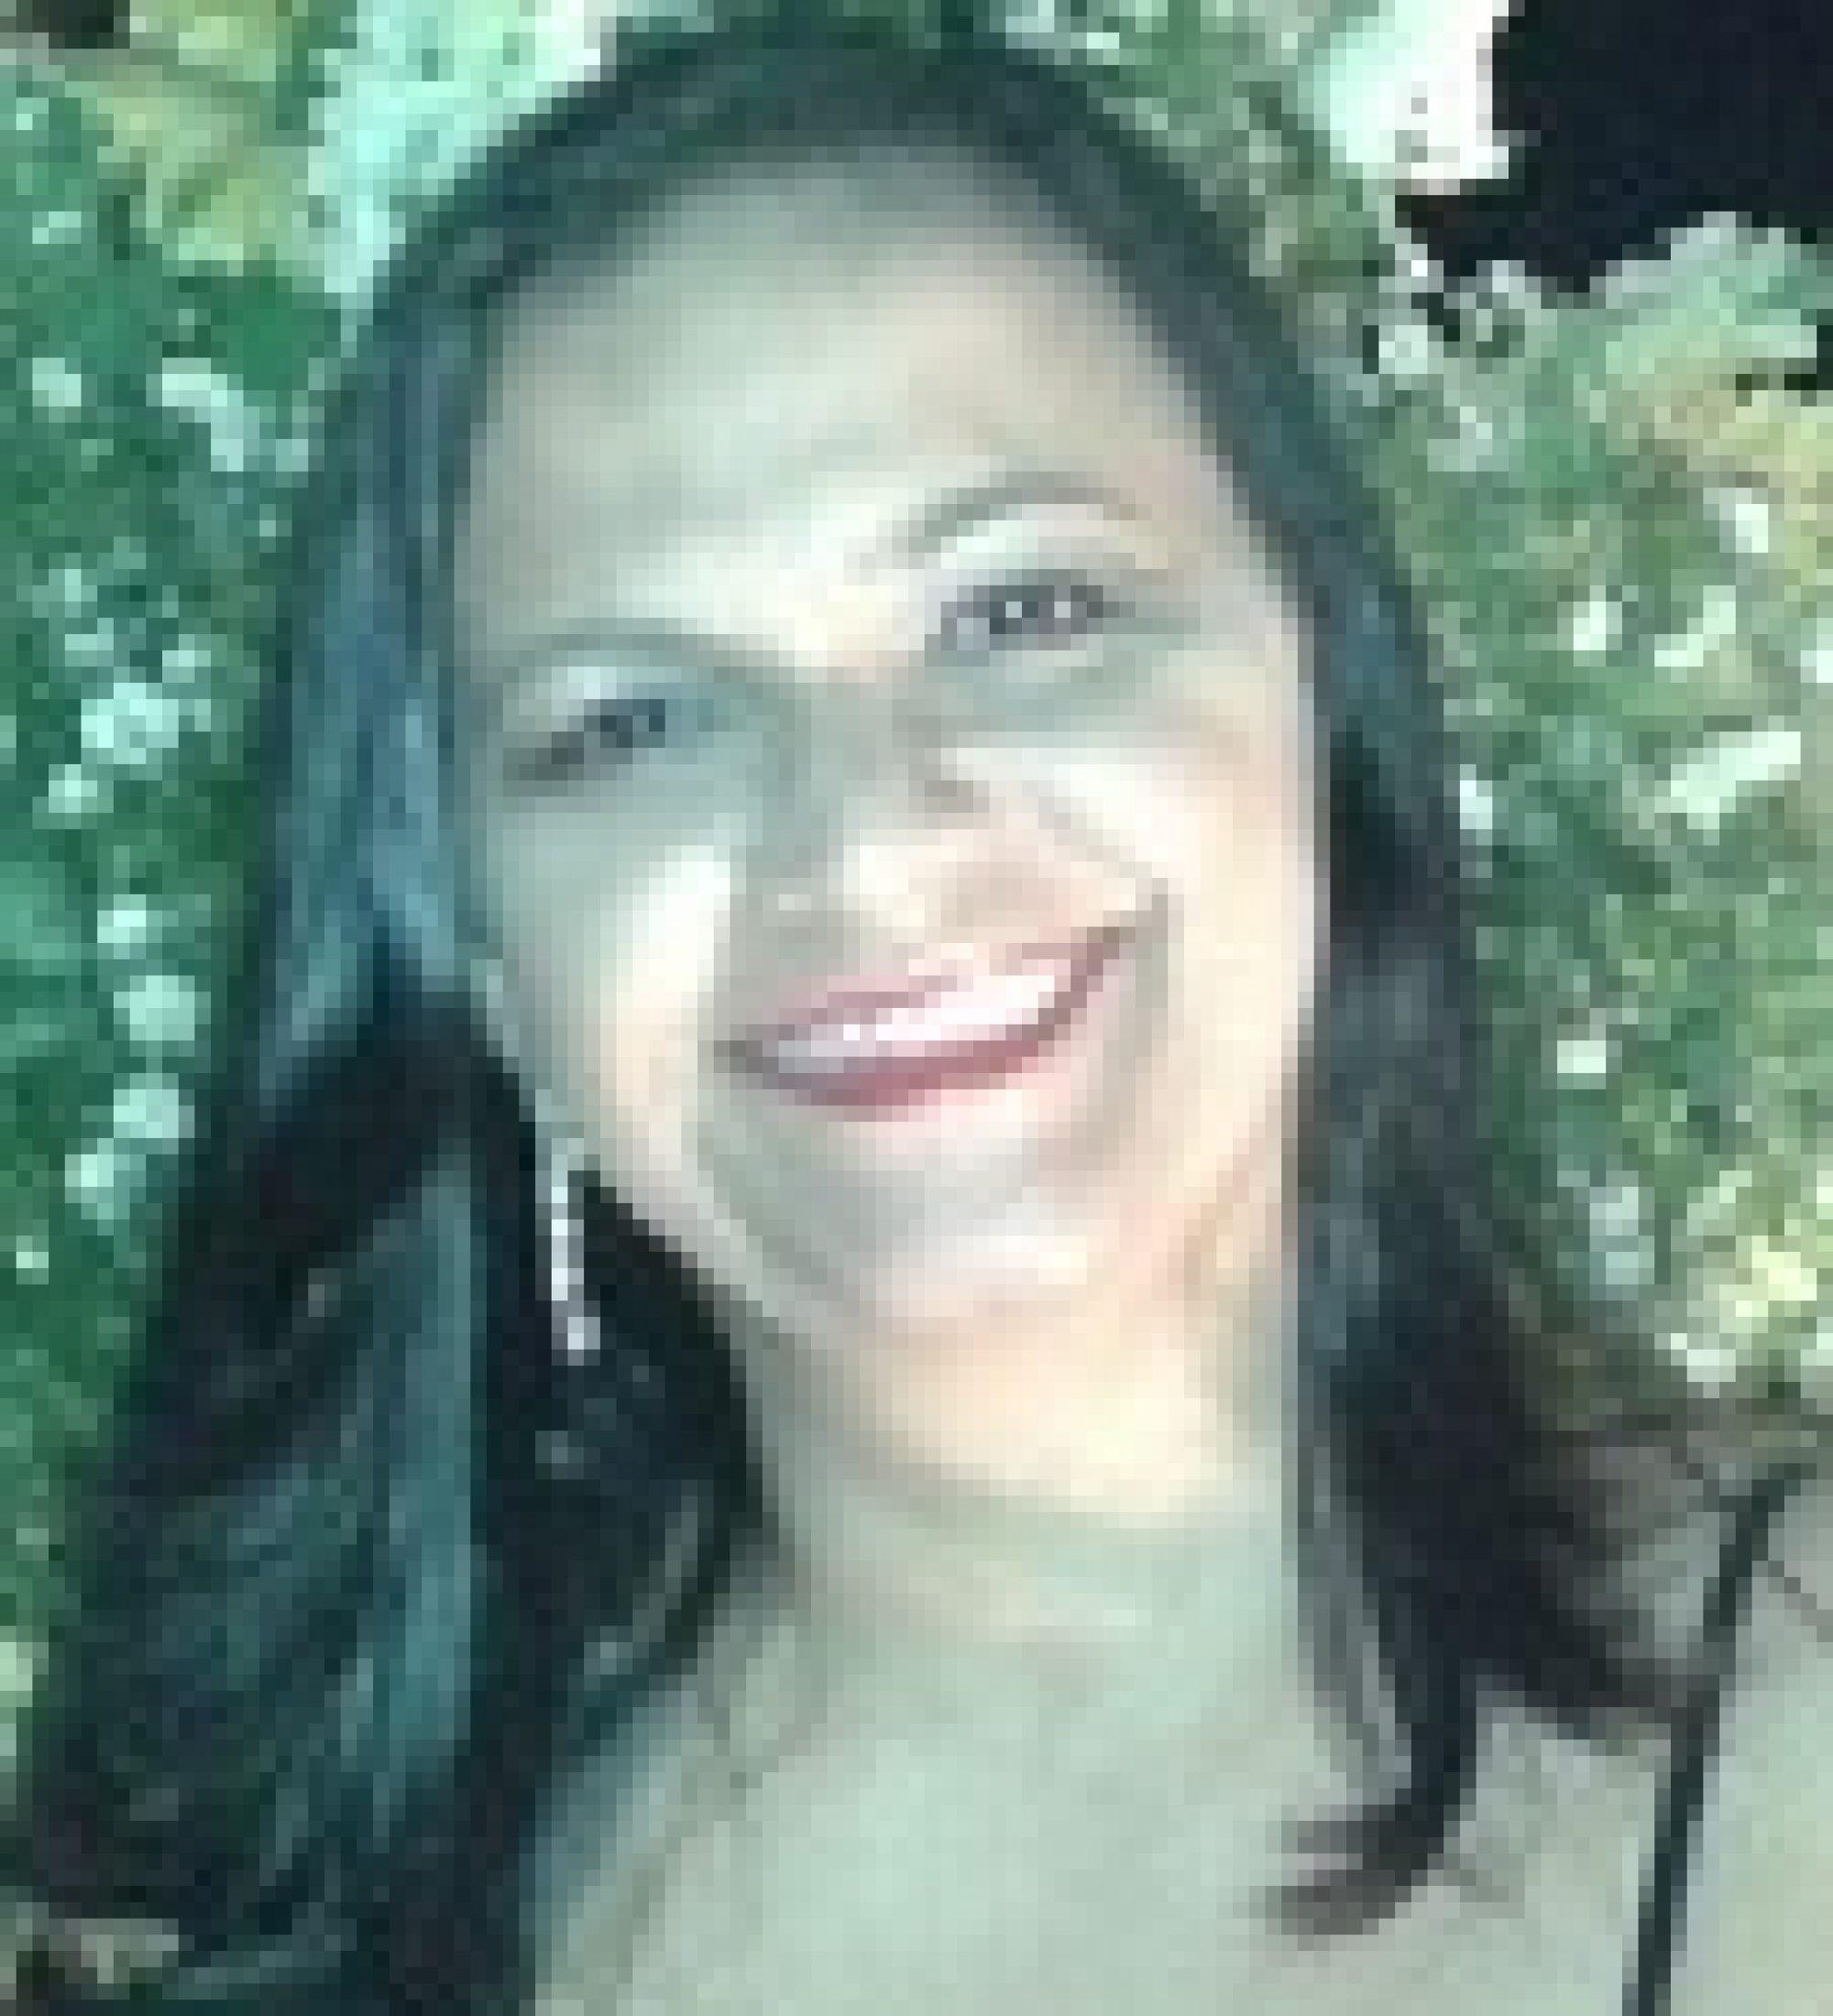 Sinara Mota Neves de Almeida1